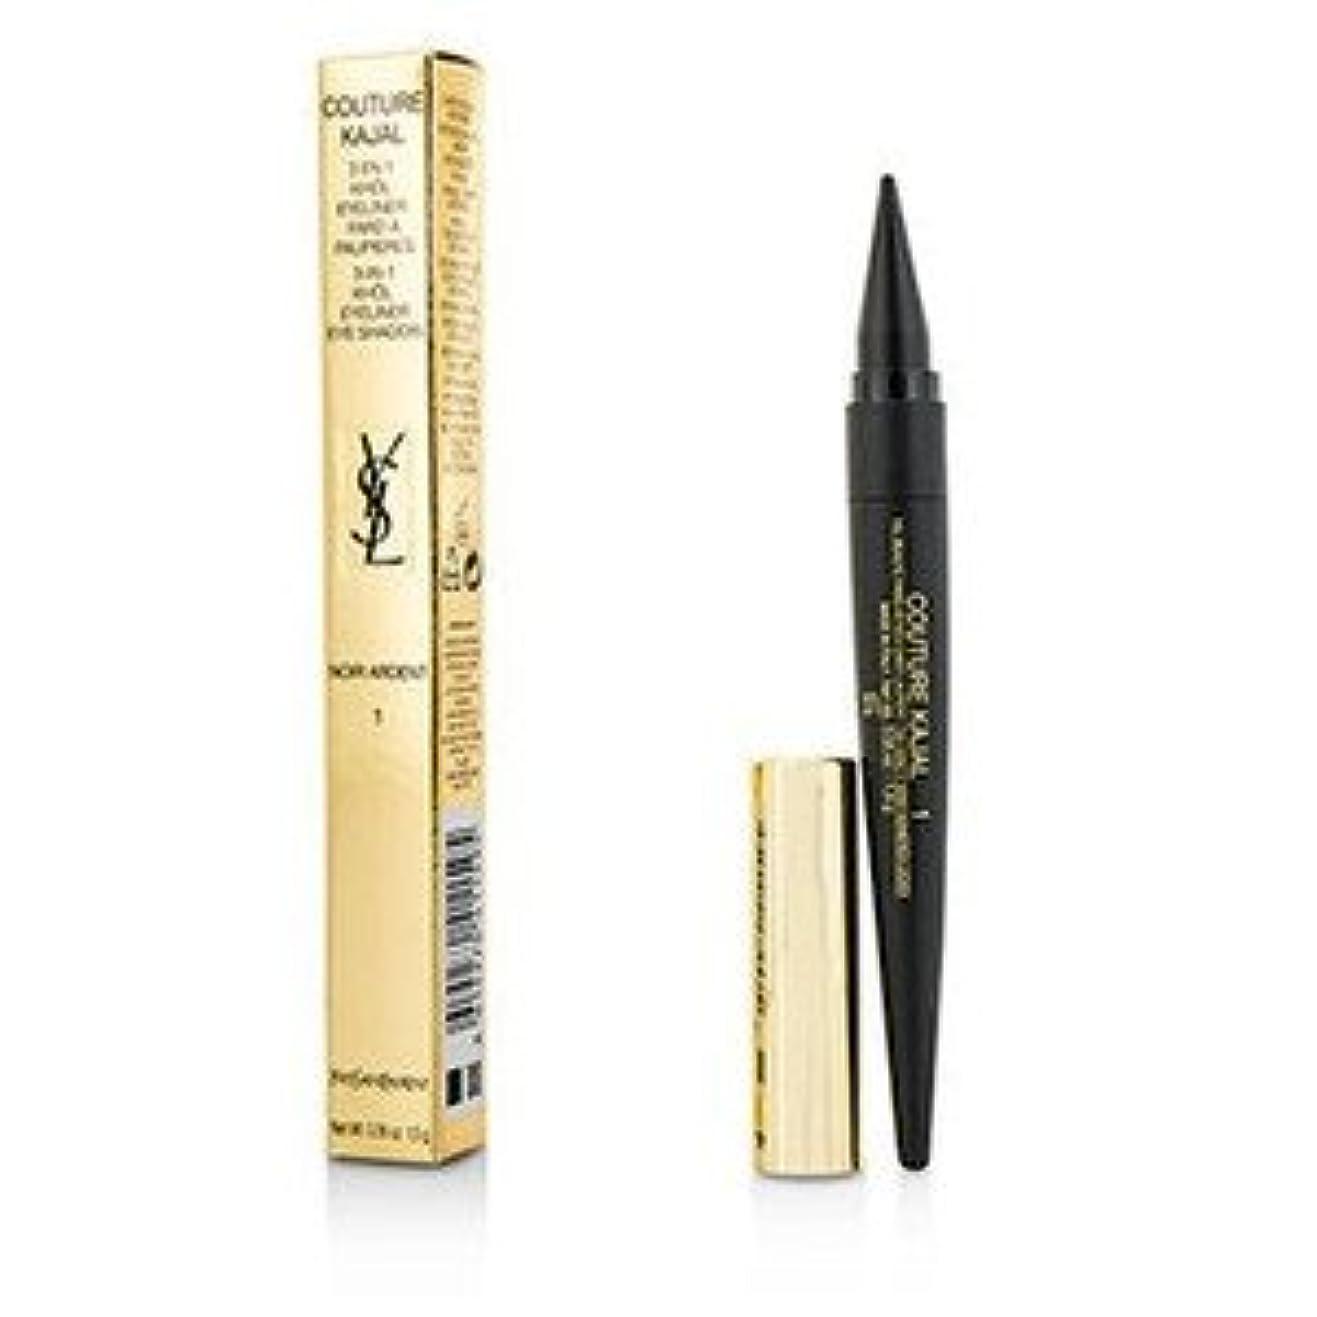 操作可能日曜日労働者Yves Saint Laurent(イヴサンローラン) クチュール カジャール 3 in 1 アイ ペンシル(Khol/Eyeliner/Eye Shadow)- #1 Noir Ardent 1.5g/0.05oz [並行輸入品]